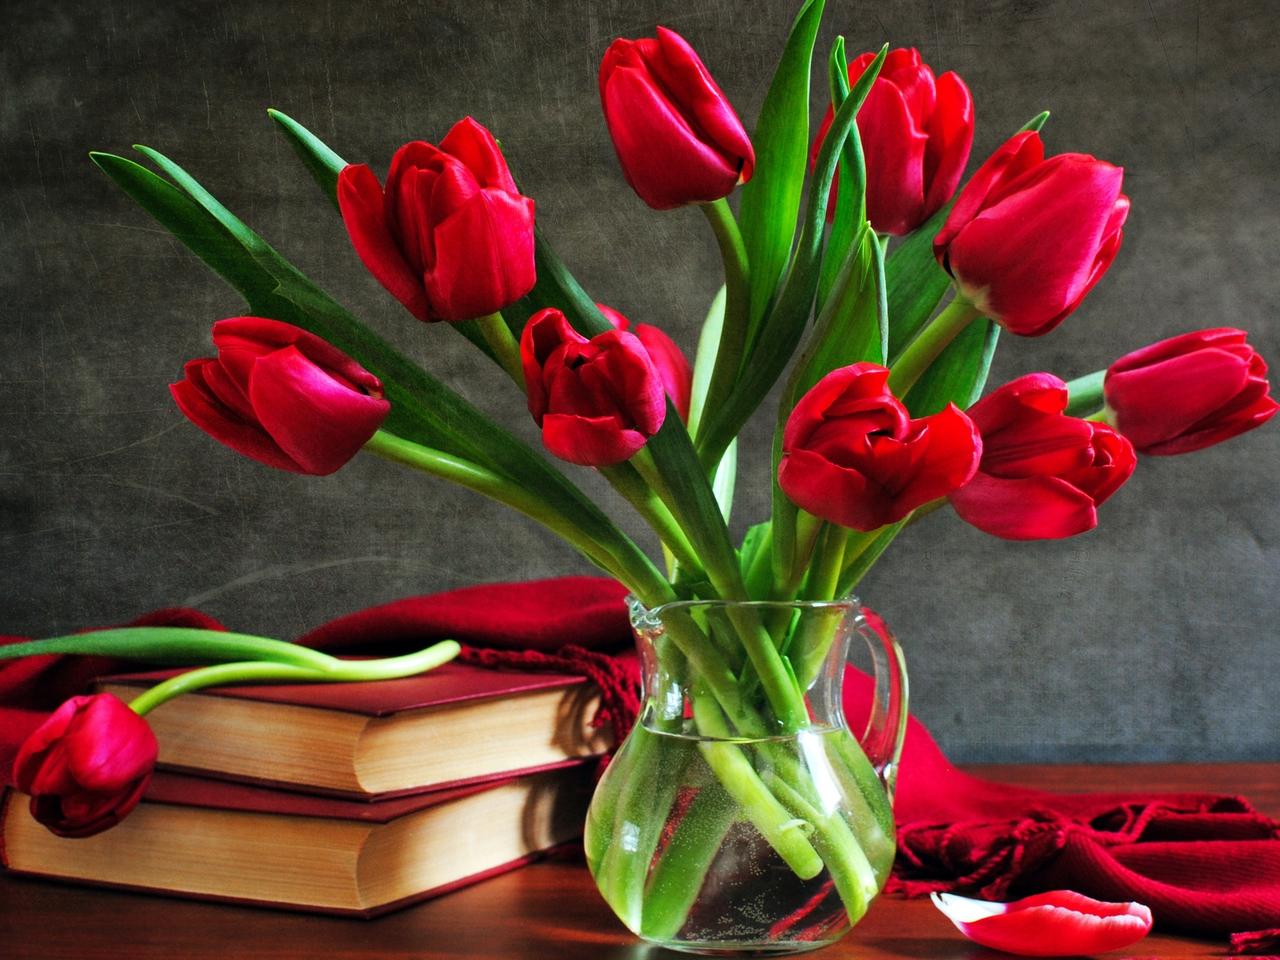 37913 скачать обои Растения, Цветы, Тюльпаны, Букеты - заставки и картинки бесплатно